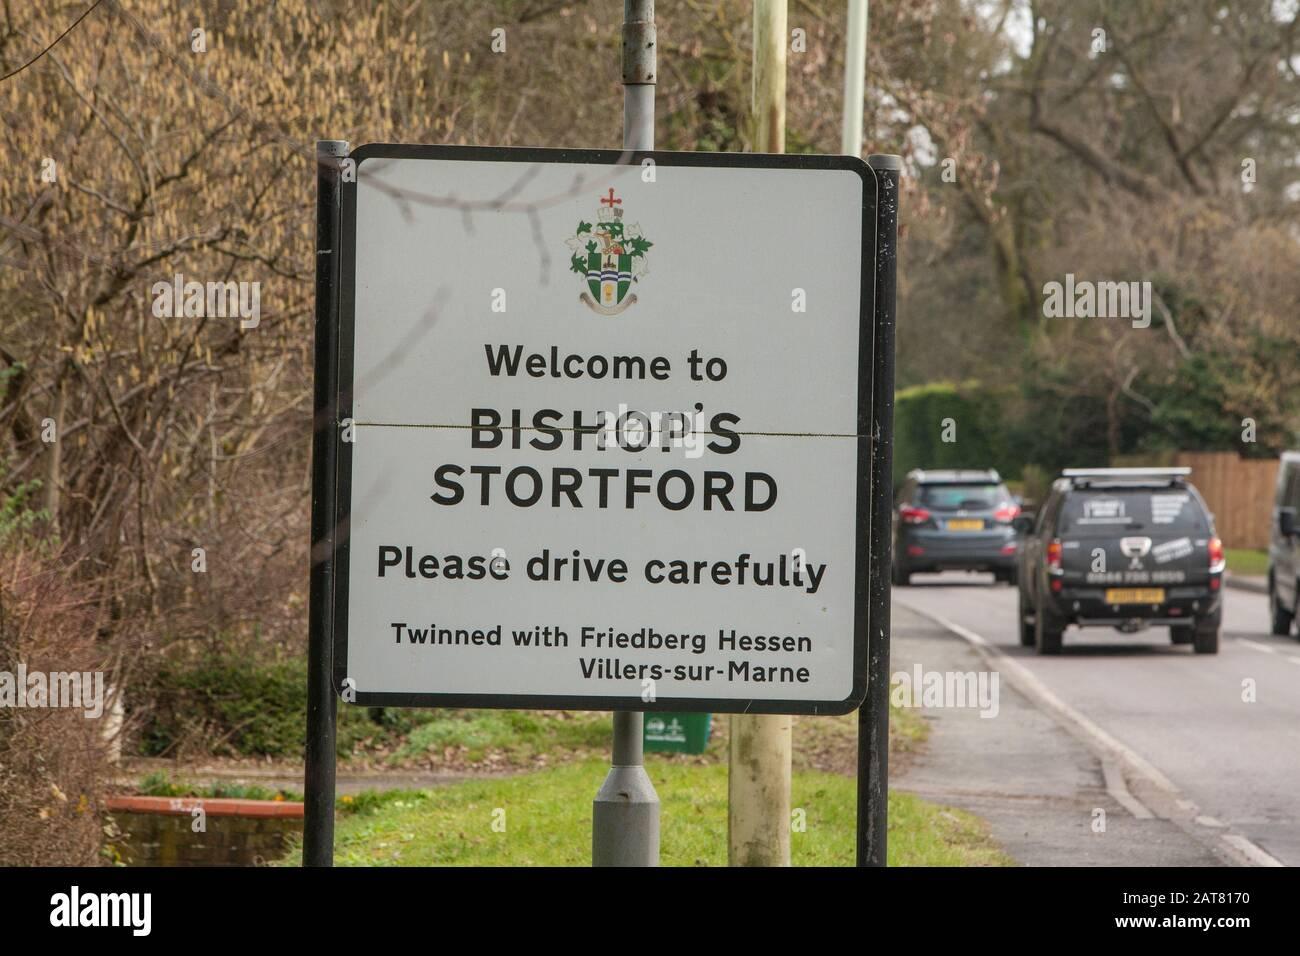 Bishops Stortford, Hertfordshire, UK Stock Photo